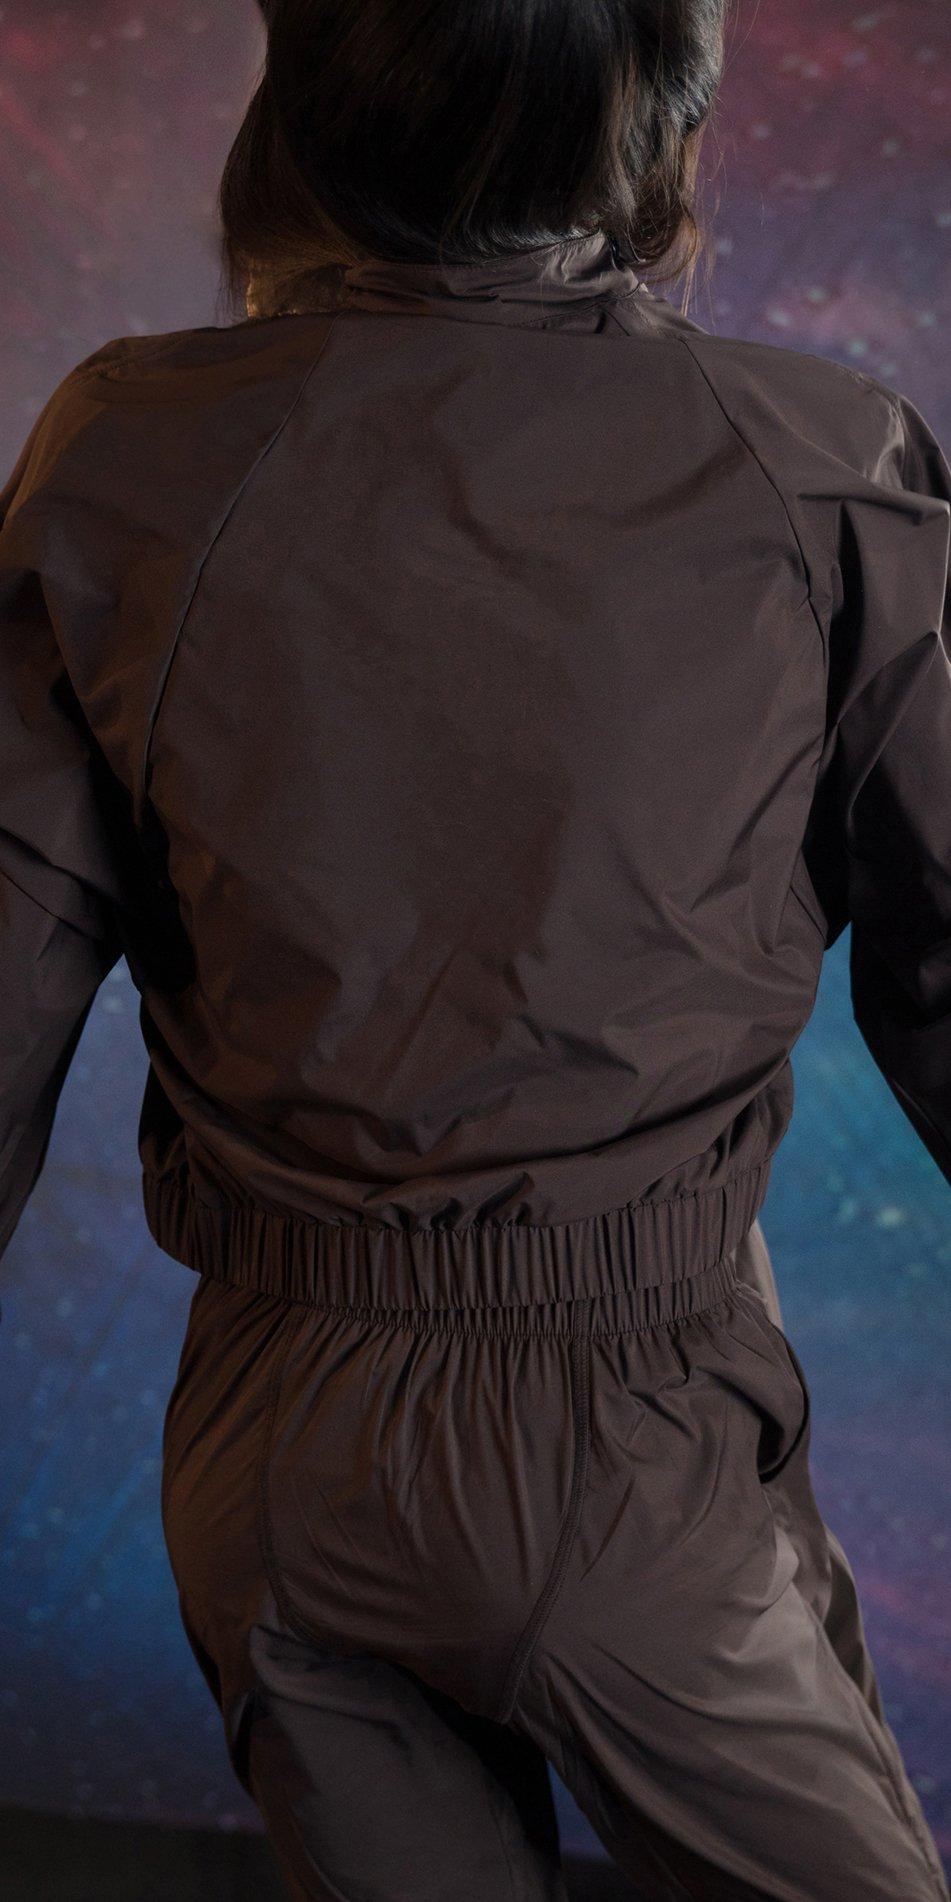 BOMBER chocolate batwing jacket 2